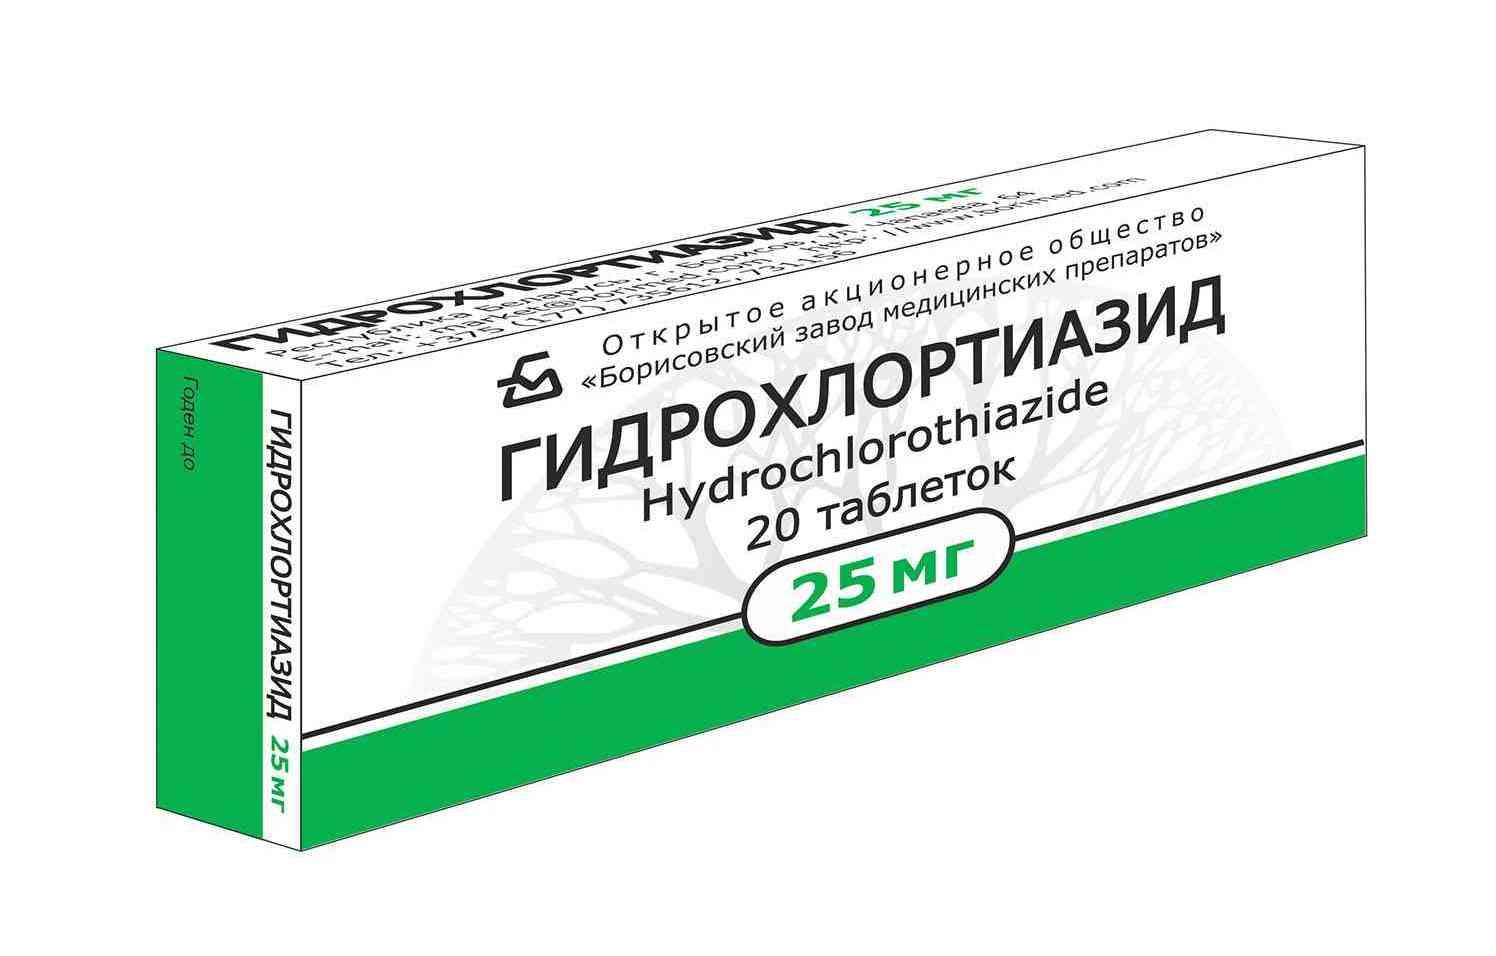 Nyomás tabletták: a legjobb gyógyszerek listája, mellékhatások nélkül - Endokarditisz